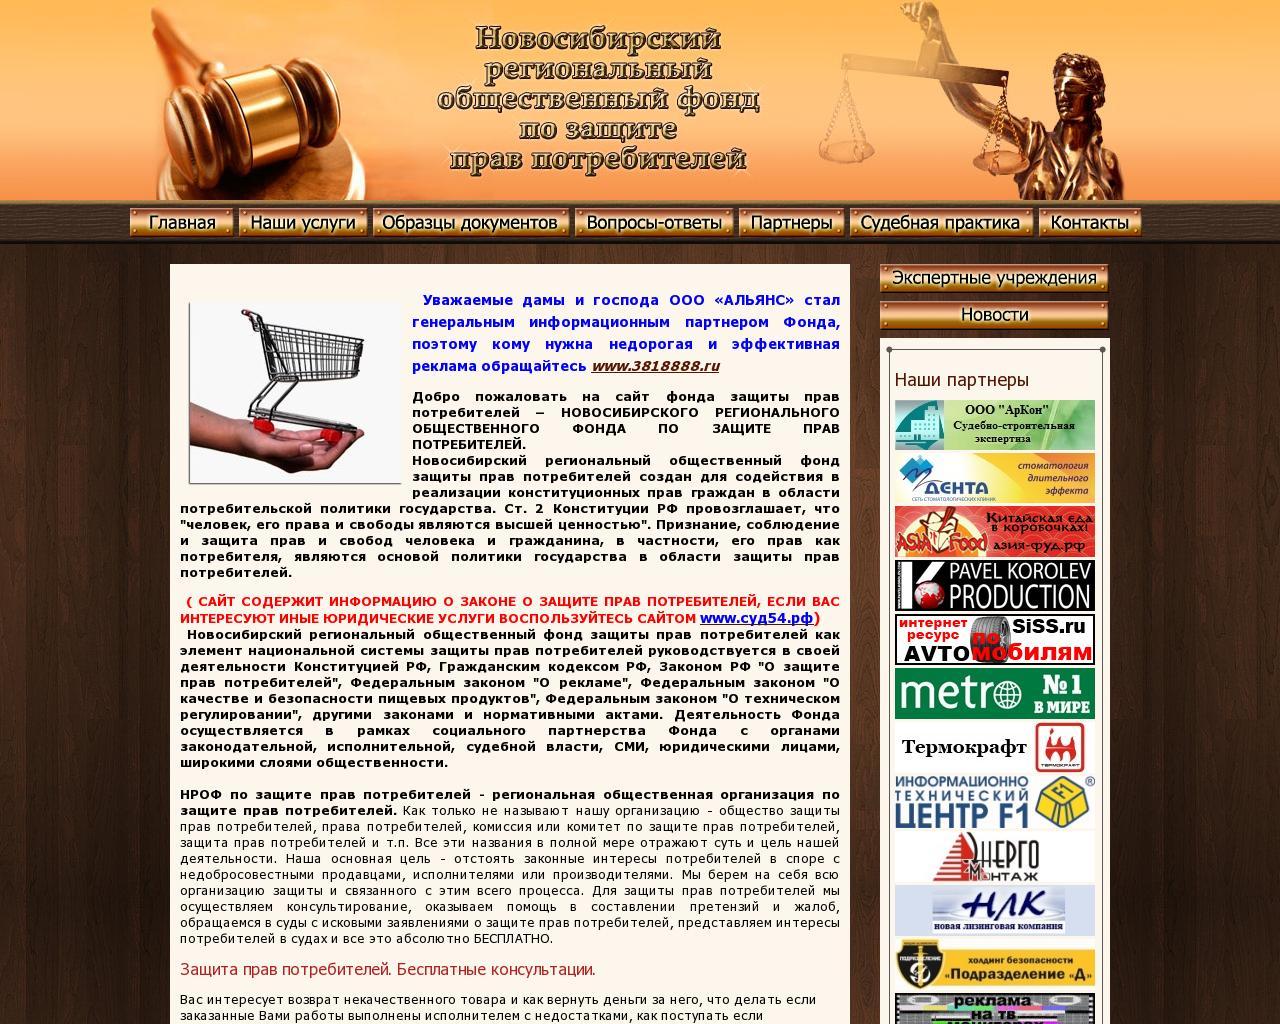 Закон хабаровского края от 25.07.2007 131 о муниципальной службе